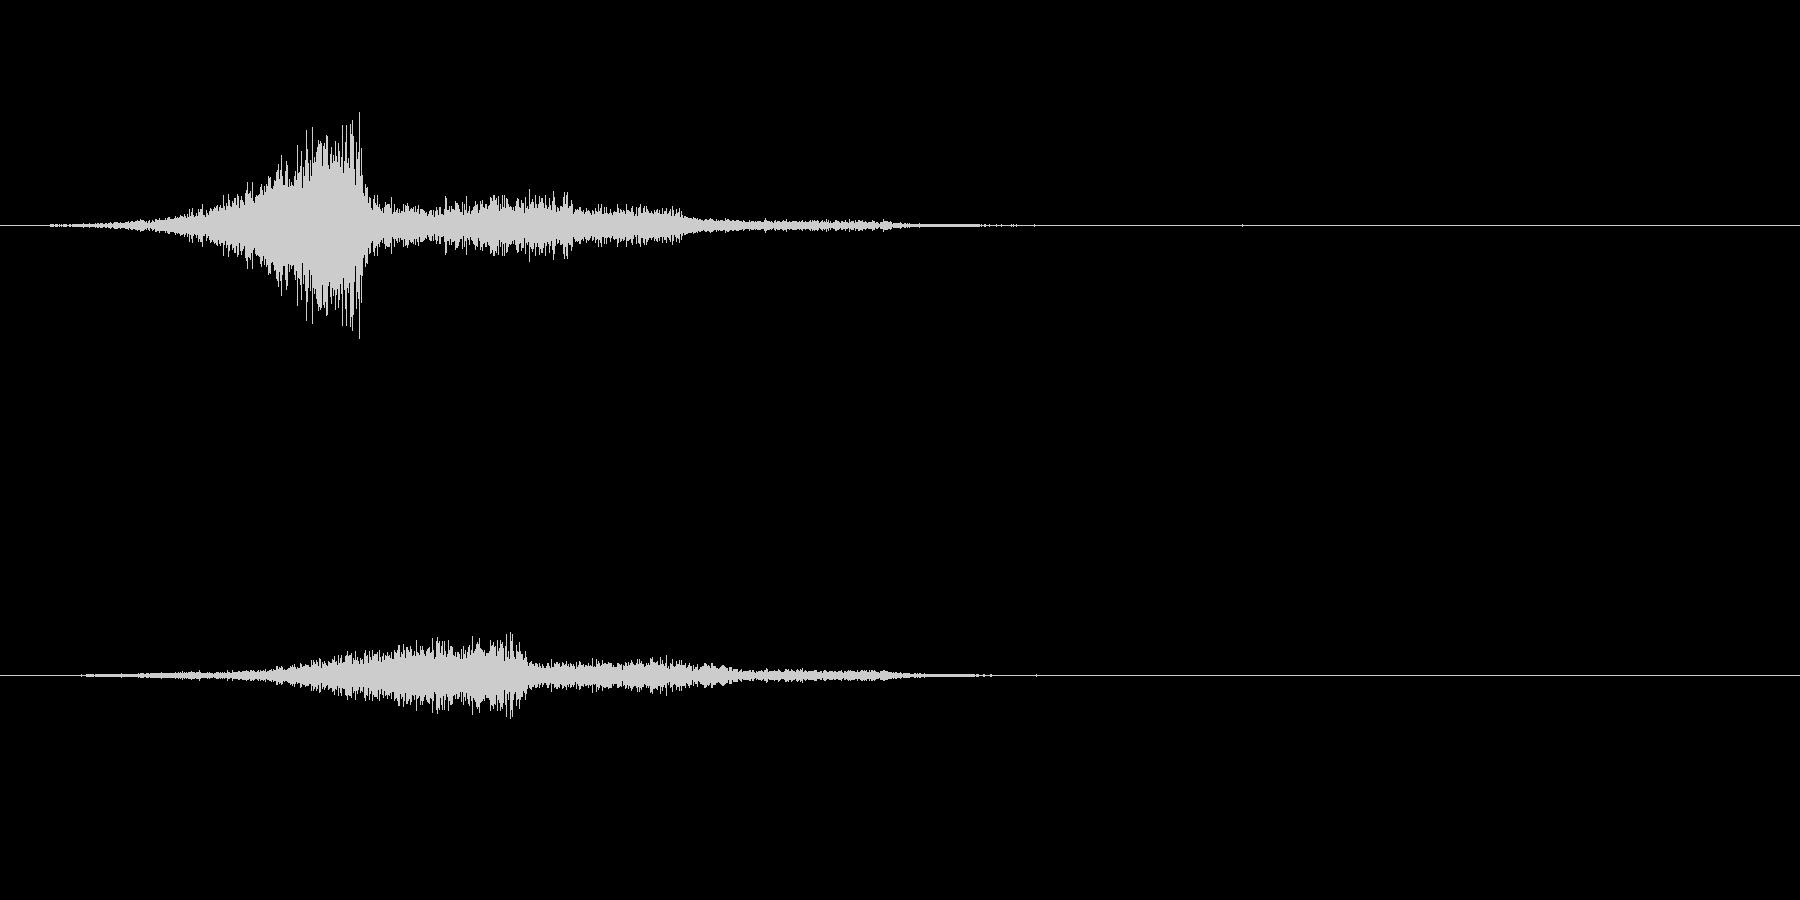 シューっと何かが通り過ぎる不気味な音の未再生の波形